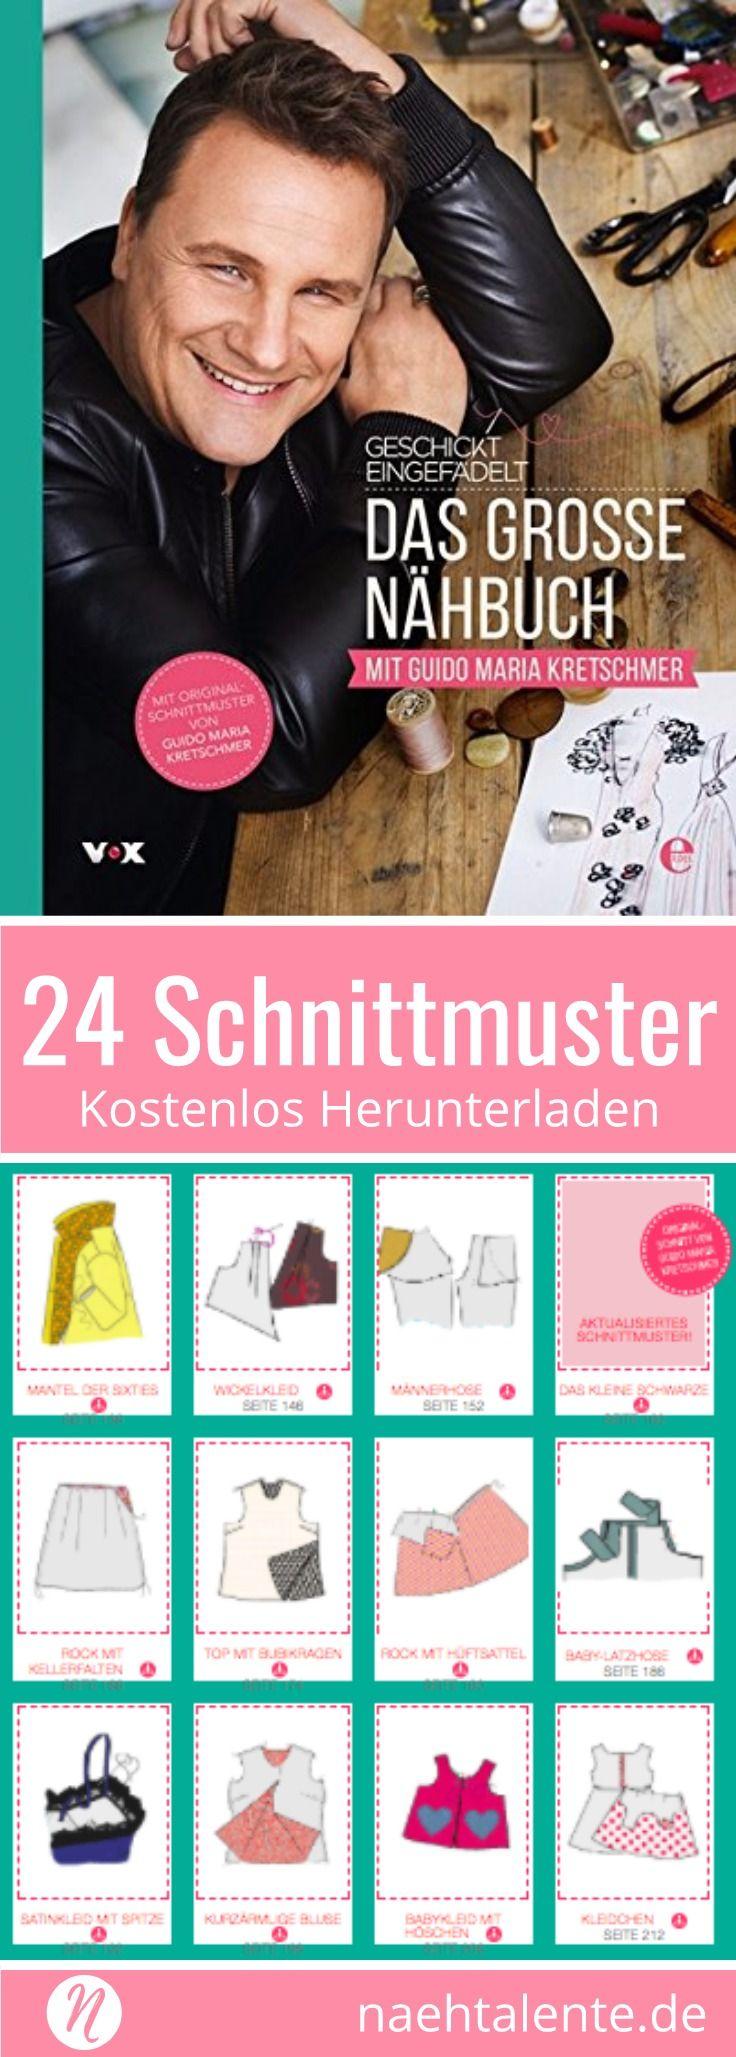 24 Schnittmuster kostenlos aus der genialen Nähshow Geschickt Eingefädelt ❤ Näh deine Traumgarderobe mit diesen sensationellen Entwürfen ❤ Alle Schnitte zum Ausdrucken zuhause ❤ Geschickt eingefädelt: Das große Nähbuch von Guido Maria Kretschmer ❤ Alle Schnittmuster aus Buch und Show ❤ ✂ Nähtalente.de ✂ #nähen #freebook #schnittmuster #gratis #nähenmachtglücklich #freesewingpattern #handmade #diy